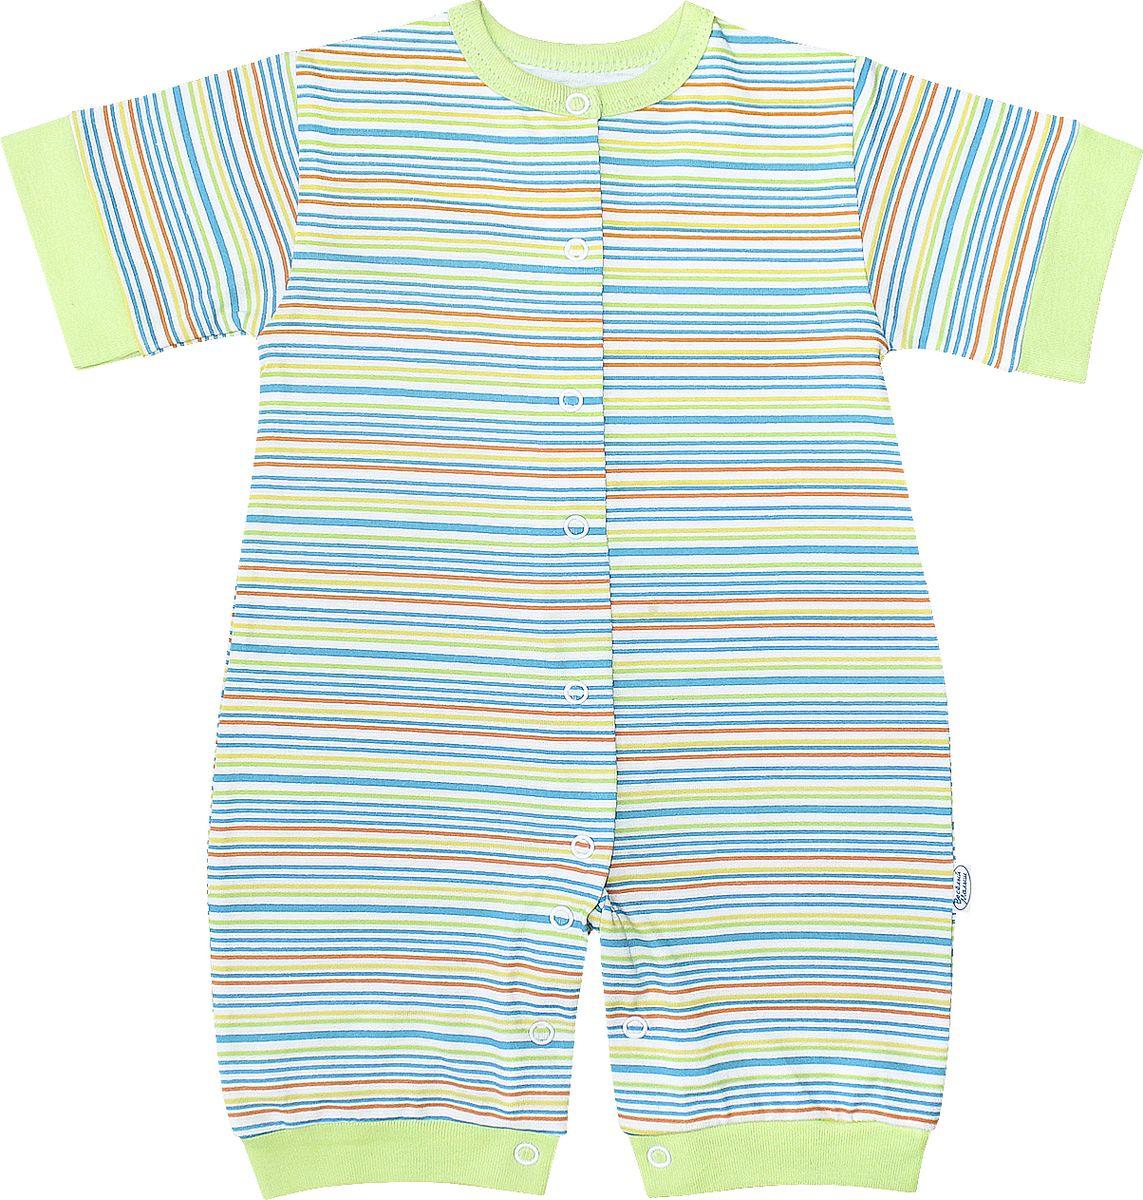 Песочник детский Веселый малыш One, цвет: зеленый. 52172/one-E (1)_яркая полоса. Размер 80